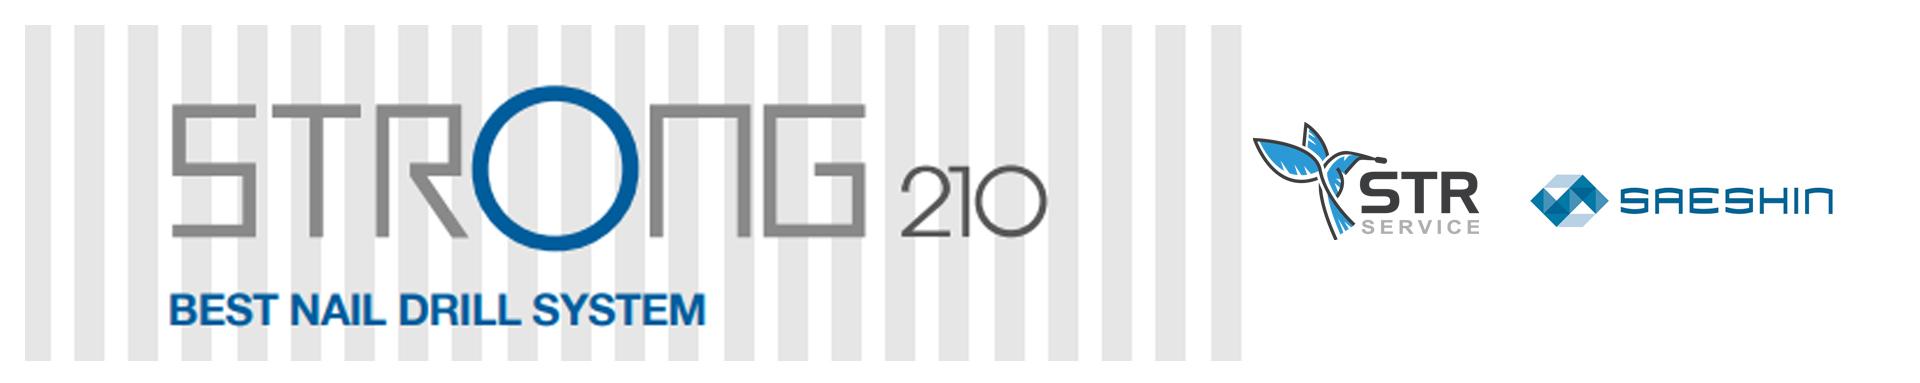 Купить оригинальный Strong 210